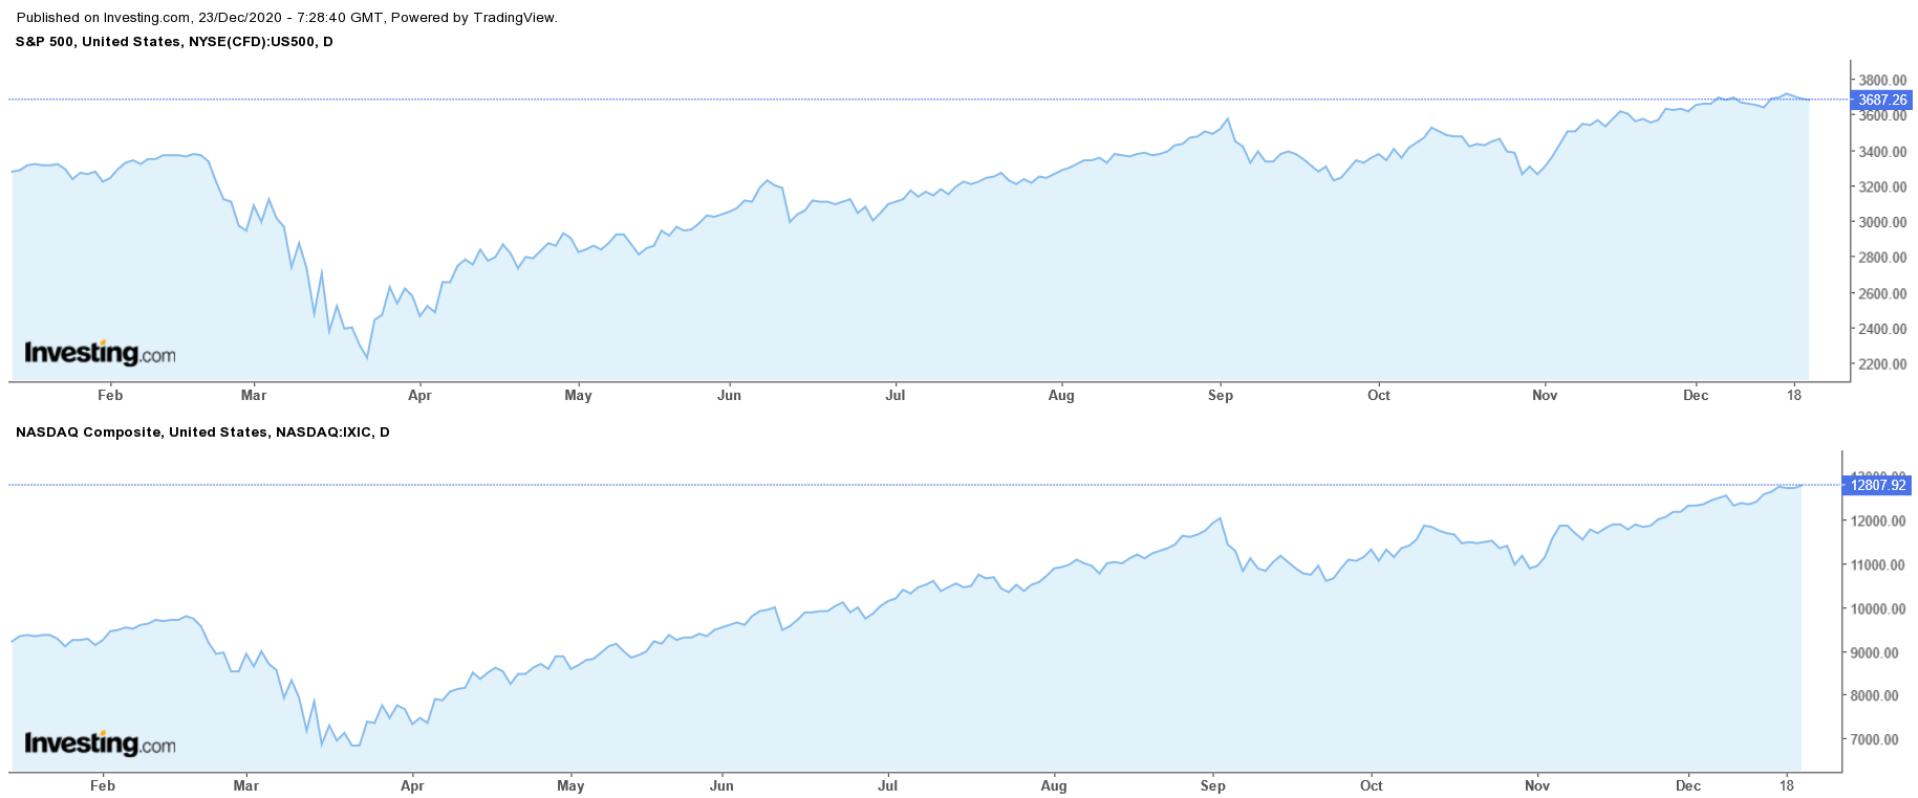 S&P 500 지수, 나스닥 종합평균지수 일간 차트